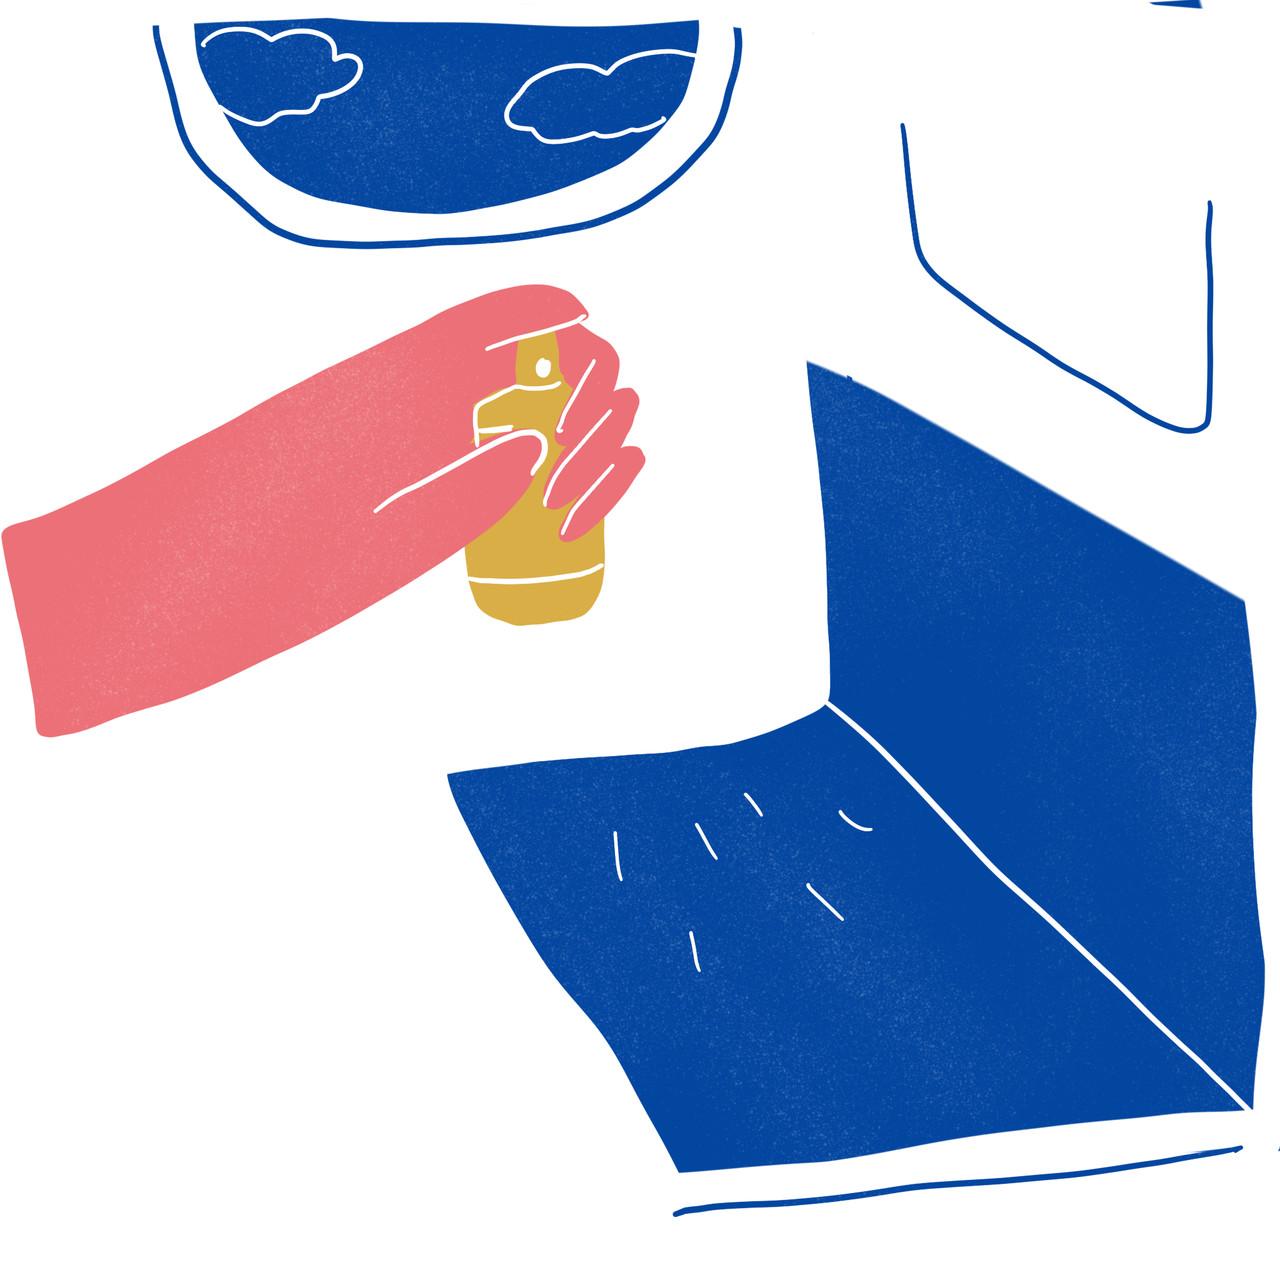 Desinfete as superfícies duras. Ilustração de Ana Paiva